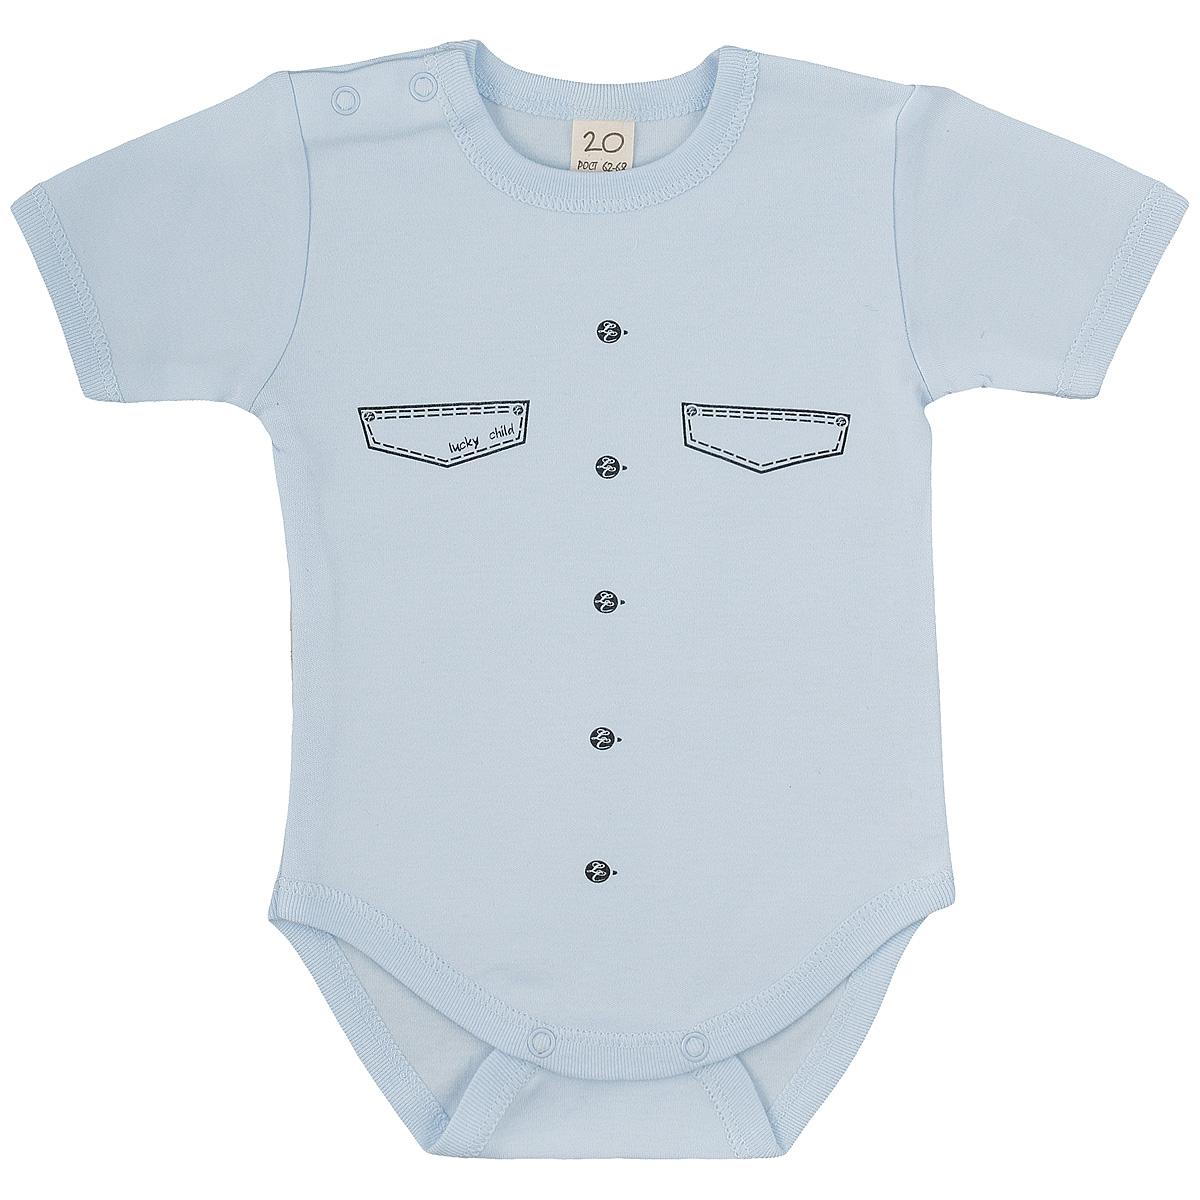 Боди-футболка для мальчика. 3-303-30Детское боди-футболка для мальчика Lucky Child с короткими рукавами послужит идеальным дополнением к гардеробу малыша в теплое время года, обеспечивая ему наибольший комфорт. Боди изготовлено из интерлока - натурального хлопка, благодаря чему оно необычайно мягкое и легкое, не раздражает нежную кожу ребенка и хорошо вентилируется, а эластичные швы приятны телу малыша и не препятствуют его движениям. Удобные застежки-кнопки по плечу и на ластовице помогают легко переодеть младенца и сменить подгузник. Боди спереди оформлено принтом имитирующим пуговички и нагрудные кармашки с клапанами. Боди полностью соответствует особенностям жизни малыша в ранний период, не стесняя и не ограничивая его в движениях. В нем ваш ребенок всегда будет в центре внимания.